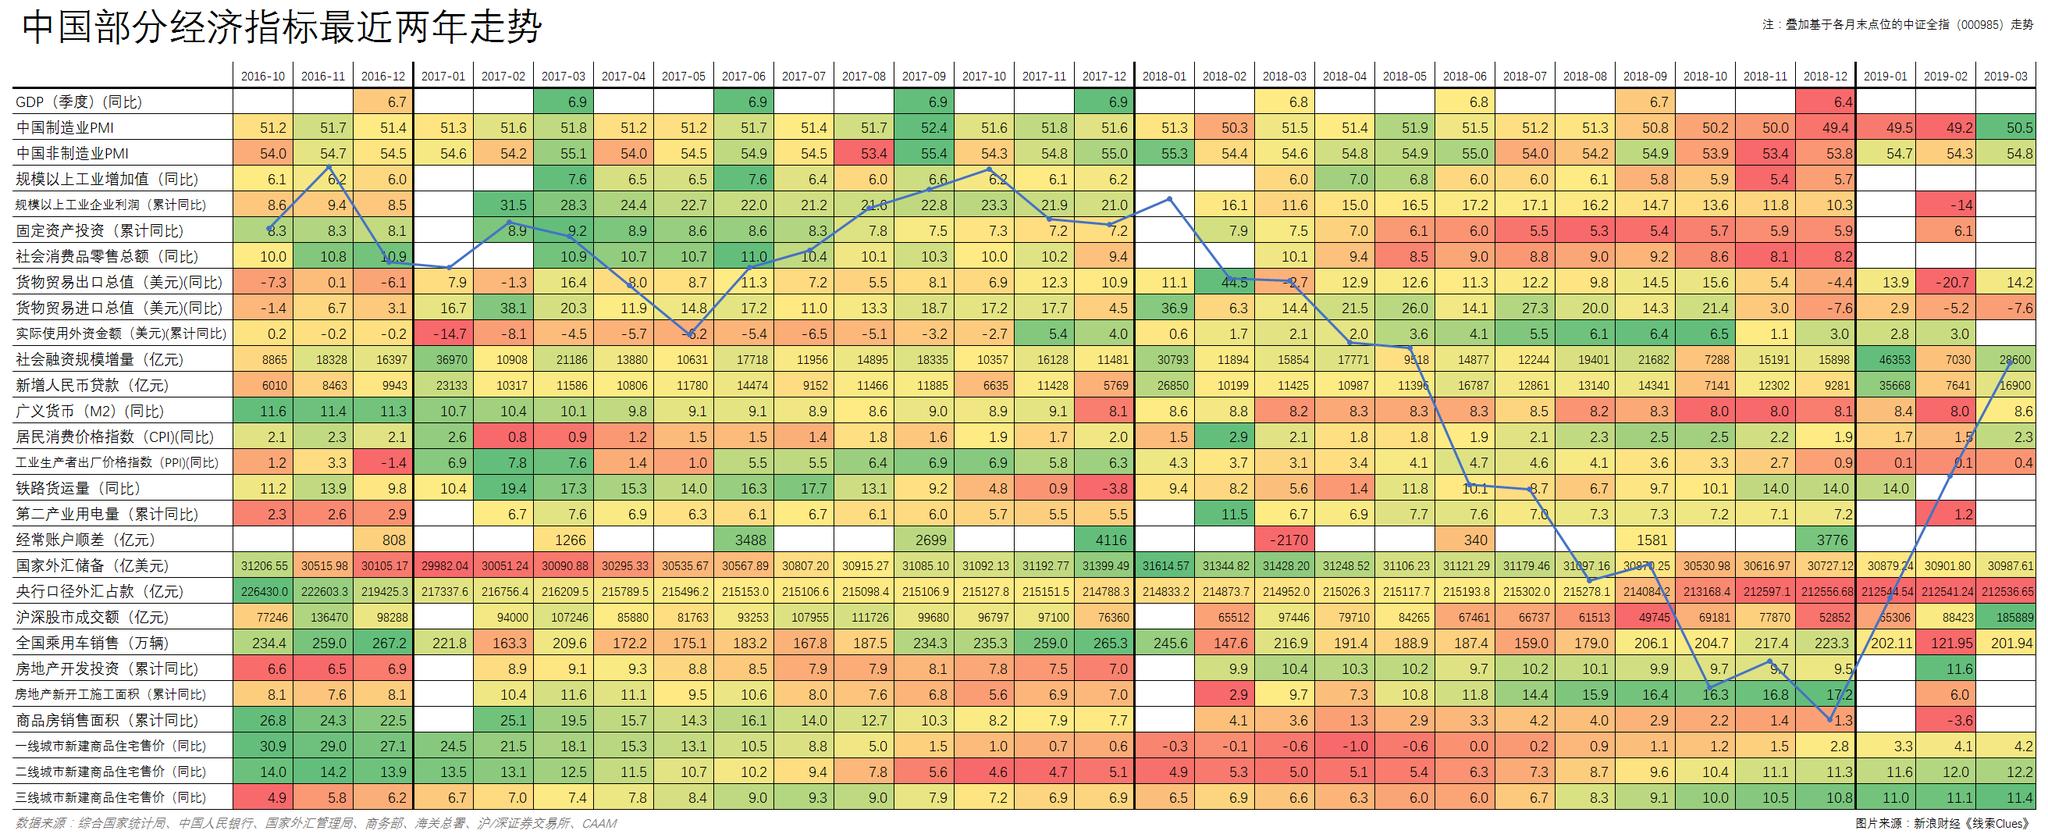 中国片面经济指标比来两年数据,叠添基于各月末点位的中证全指(000985)走势(图片来源:《线索Clues》)